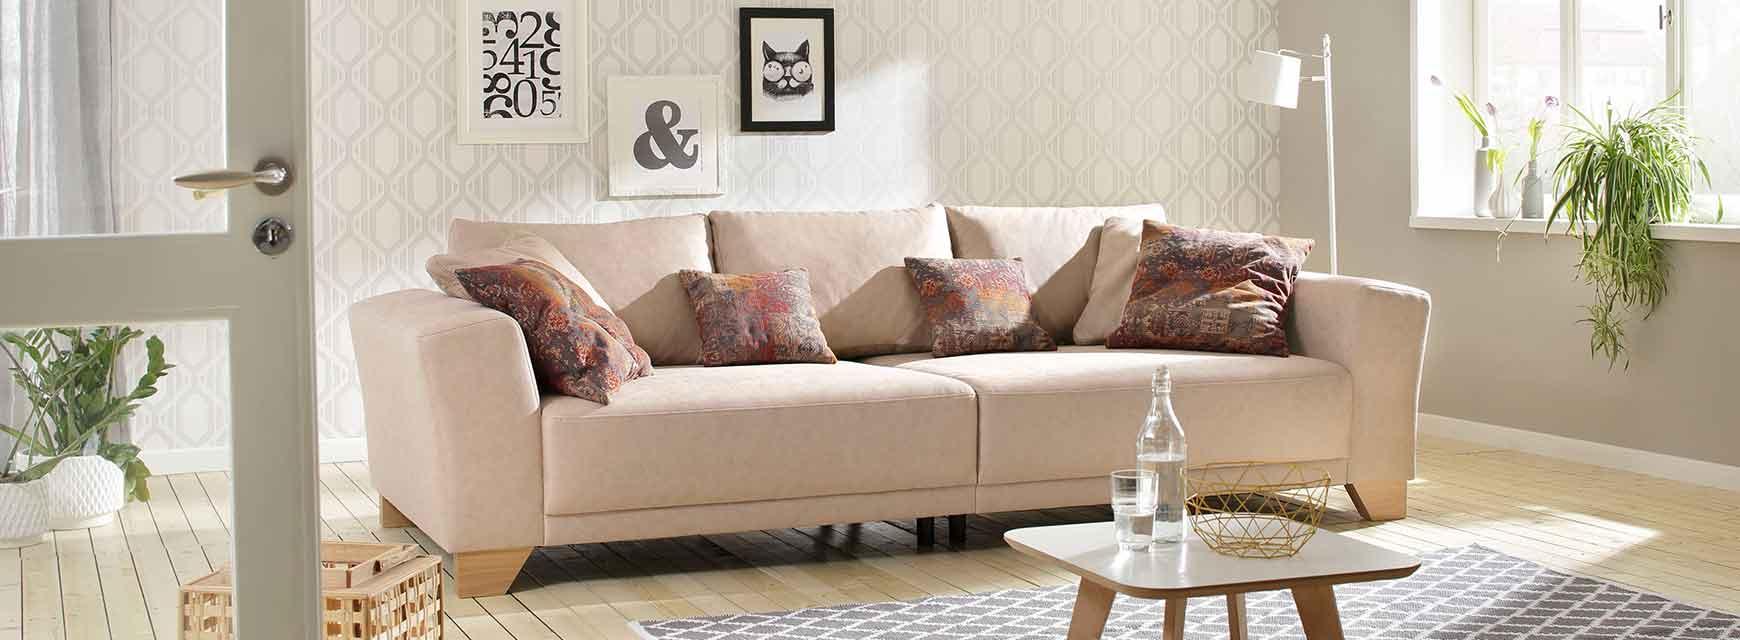 Full Size of Big Sofa L Form Landhausstil Landhaus Couch Online Kaufen Naturloftde Fenster Fliegengitter Regal Mit Schubladen Garten Relaxsessel Schlafzimmer Sessel Wohnzimmer Big Sofa L Form